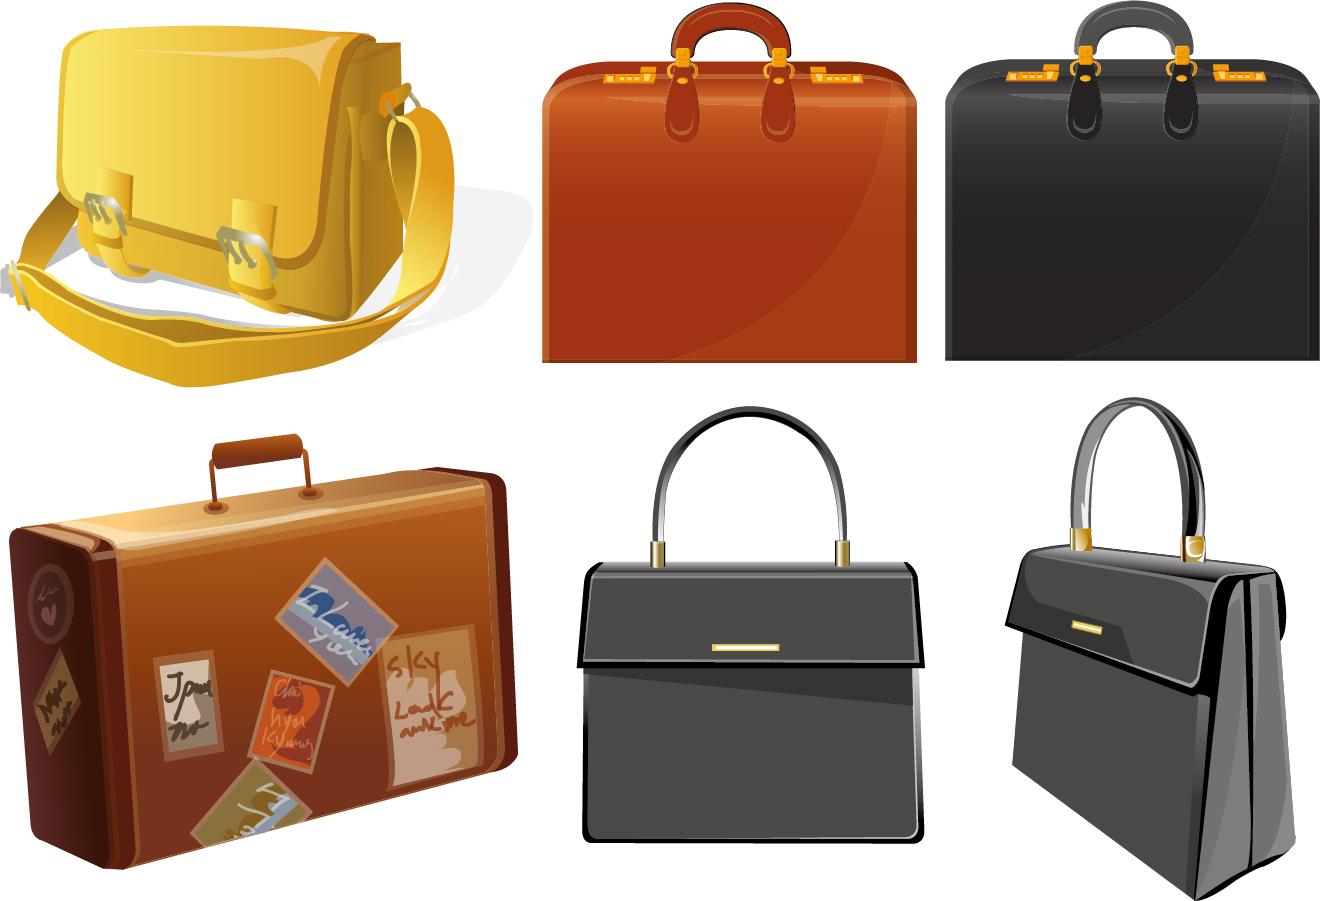 バッグ・スーツケース Bag vector and suitcase graphics イラスト素材